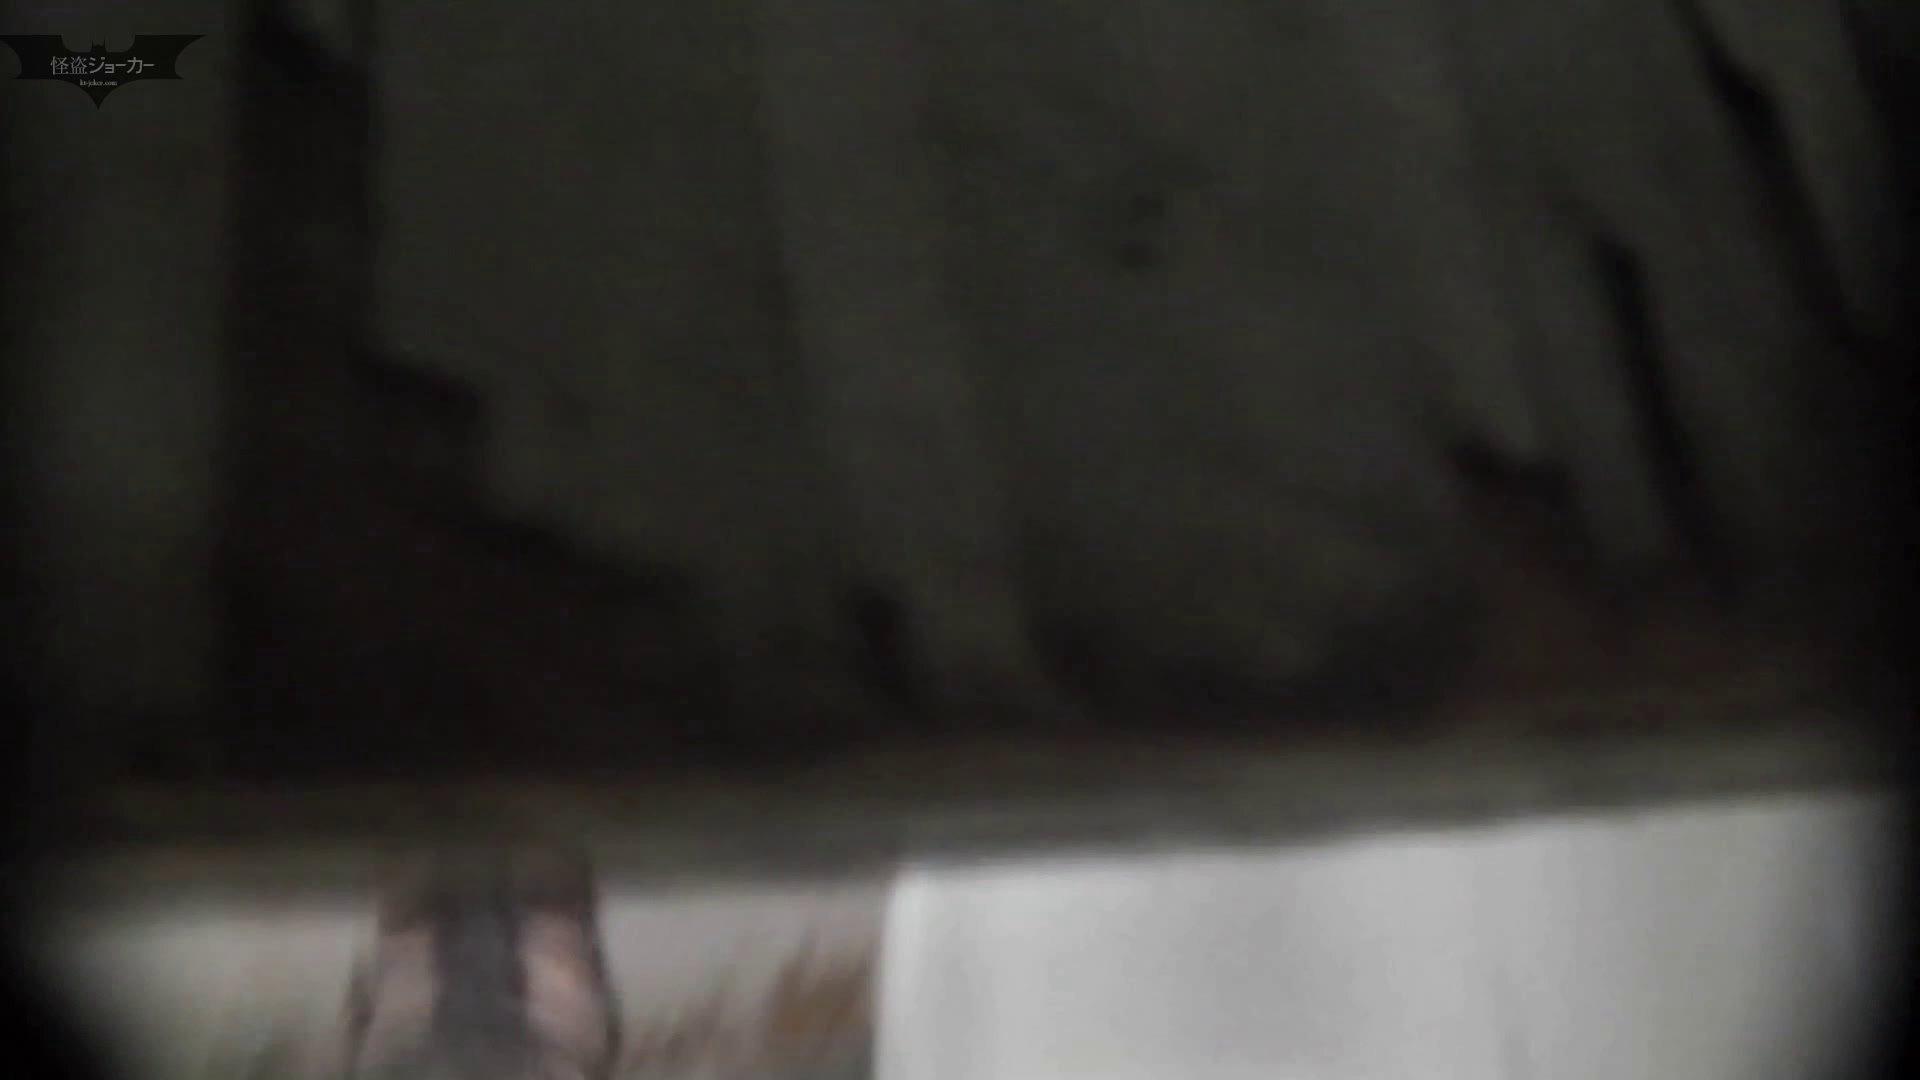 洗面所特攻隊 vol.53 隙間はとても重要なポイントです! エッチなお姉さん オメコ無修正動画無料 62画像 51